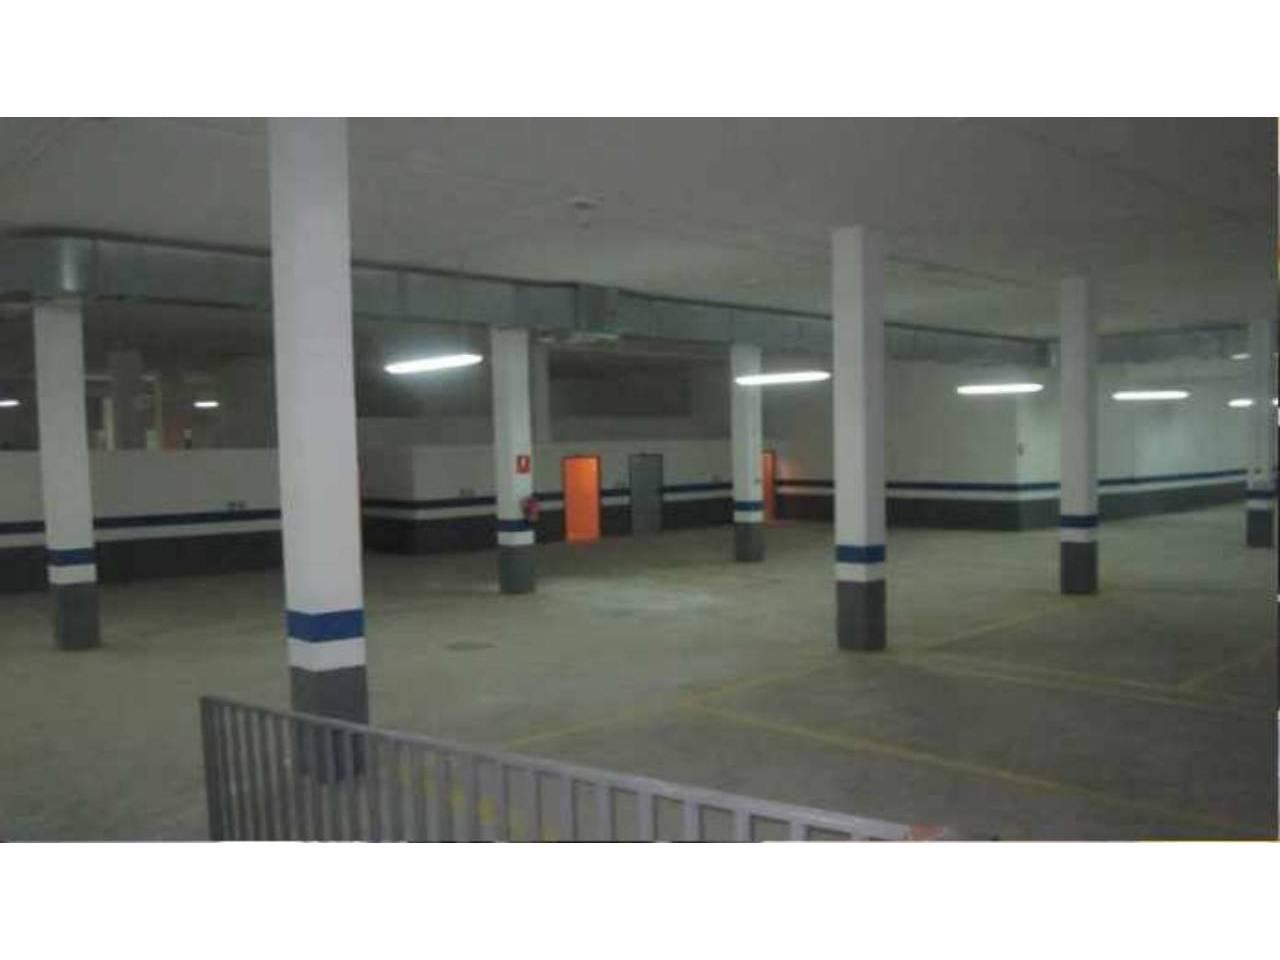 Parking coche  Horteta. Superf. 20 m², 1 plazas.